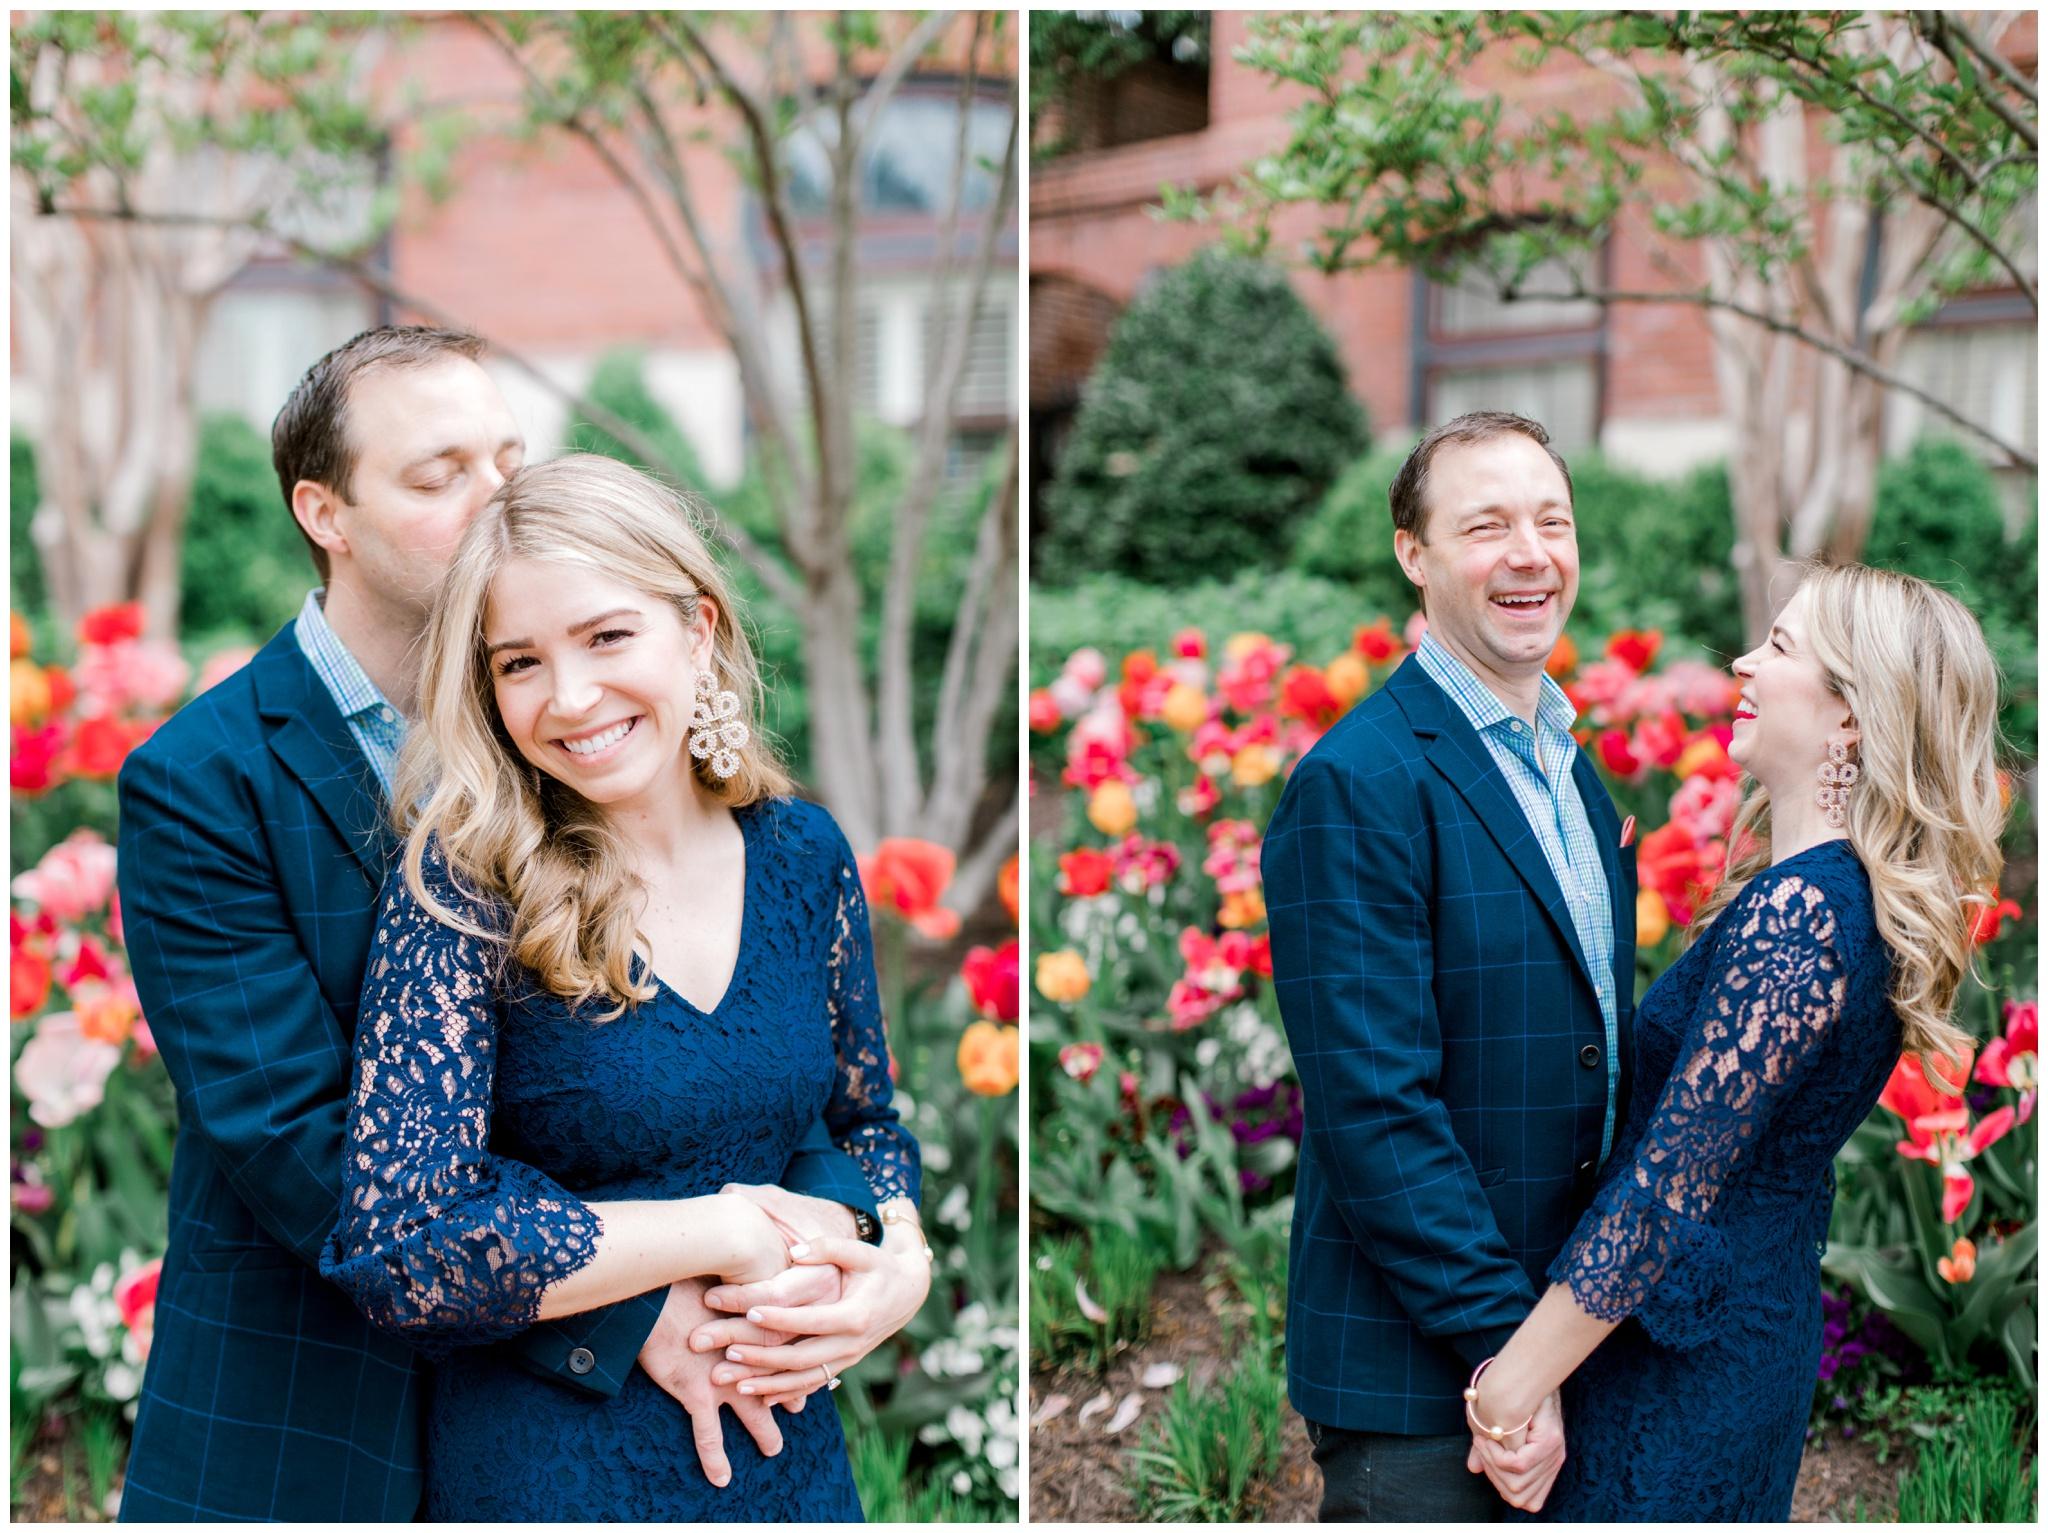 Washington DC Wedding Photographer, Washington DC Wedding Photography, Washington DC Engagement Photographer, Washington DC Engagement Photography, Georgetown Engagement Session, Georgetown Engagement Photography